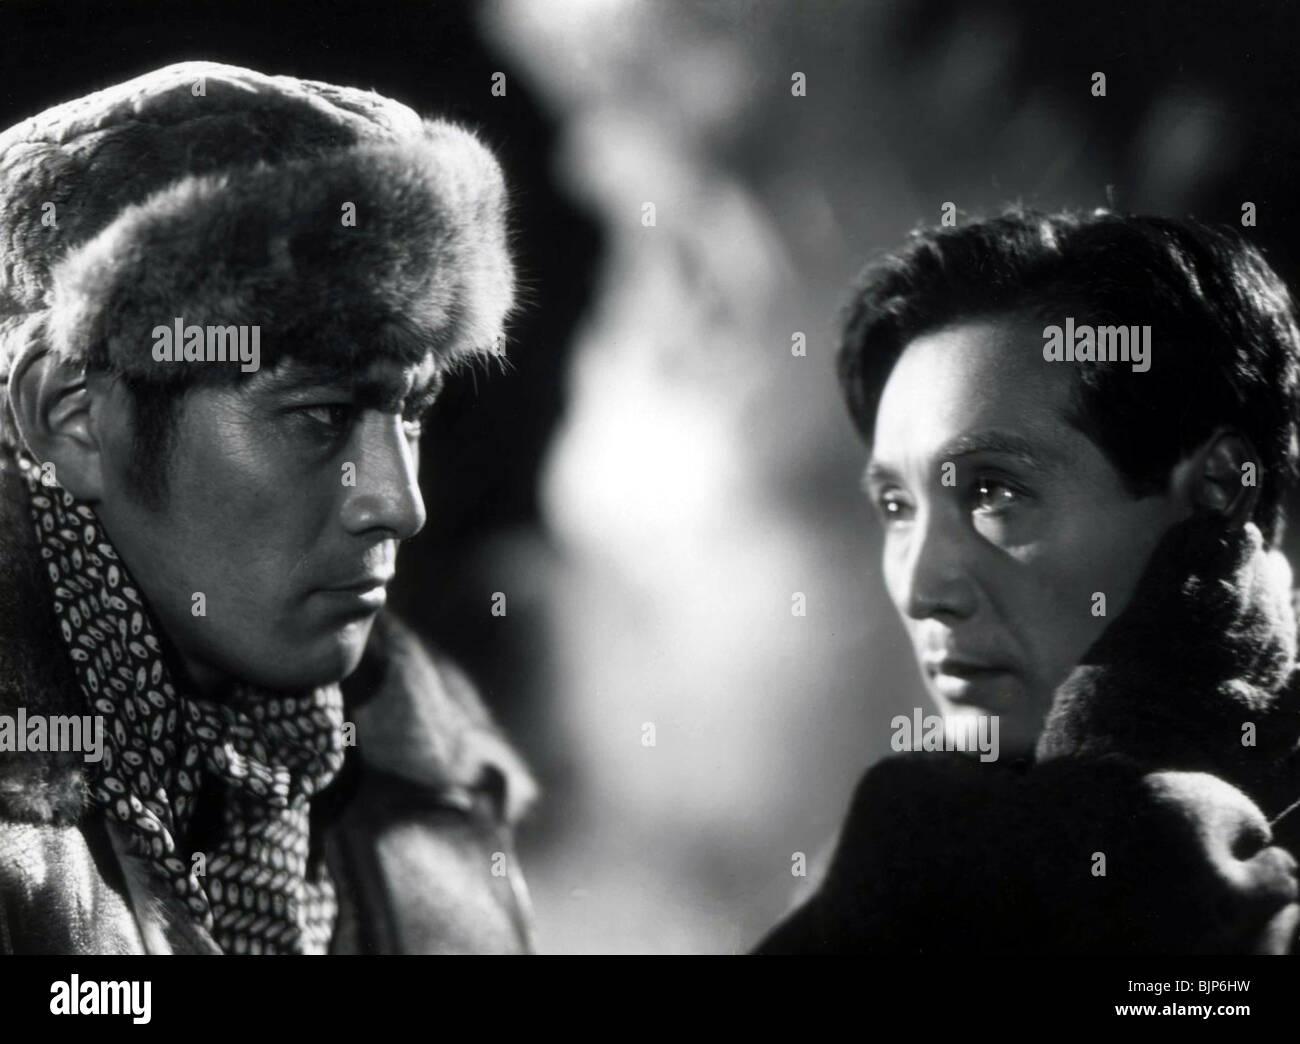 L'IDIOT (1951) Akira Kurosawa (DIR) TIDI 001 Photo Stock